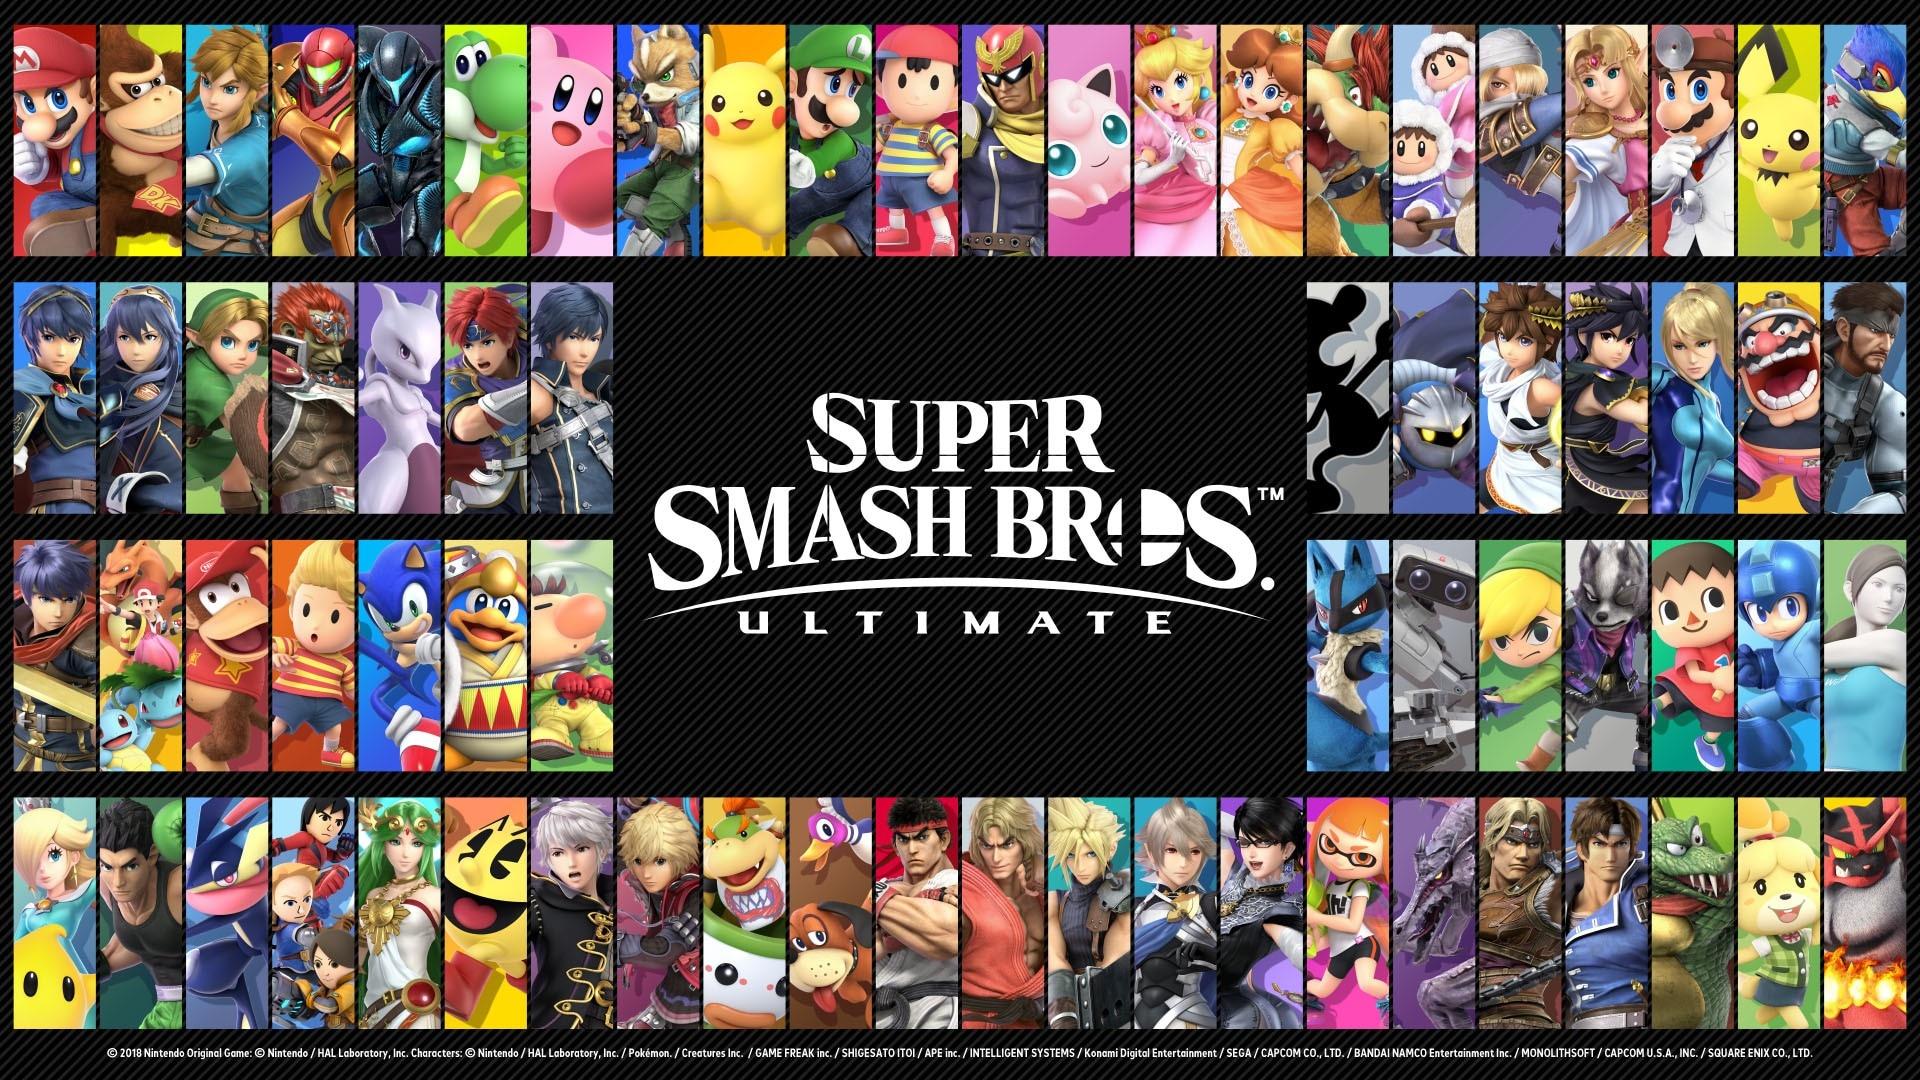 Free Download Super Smash Blog Super Smash Bros Ultimate For The